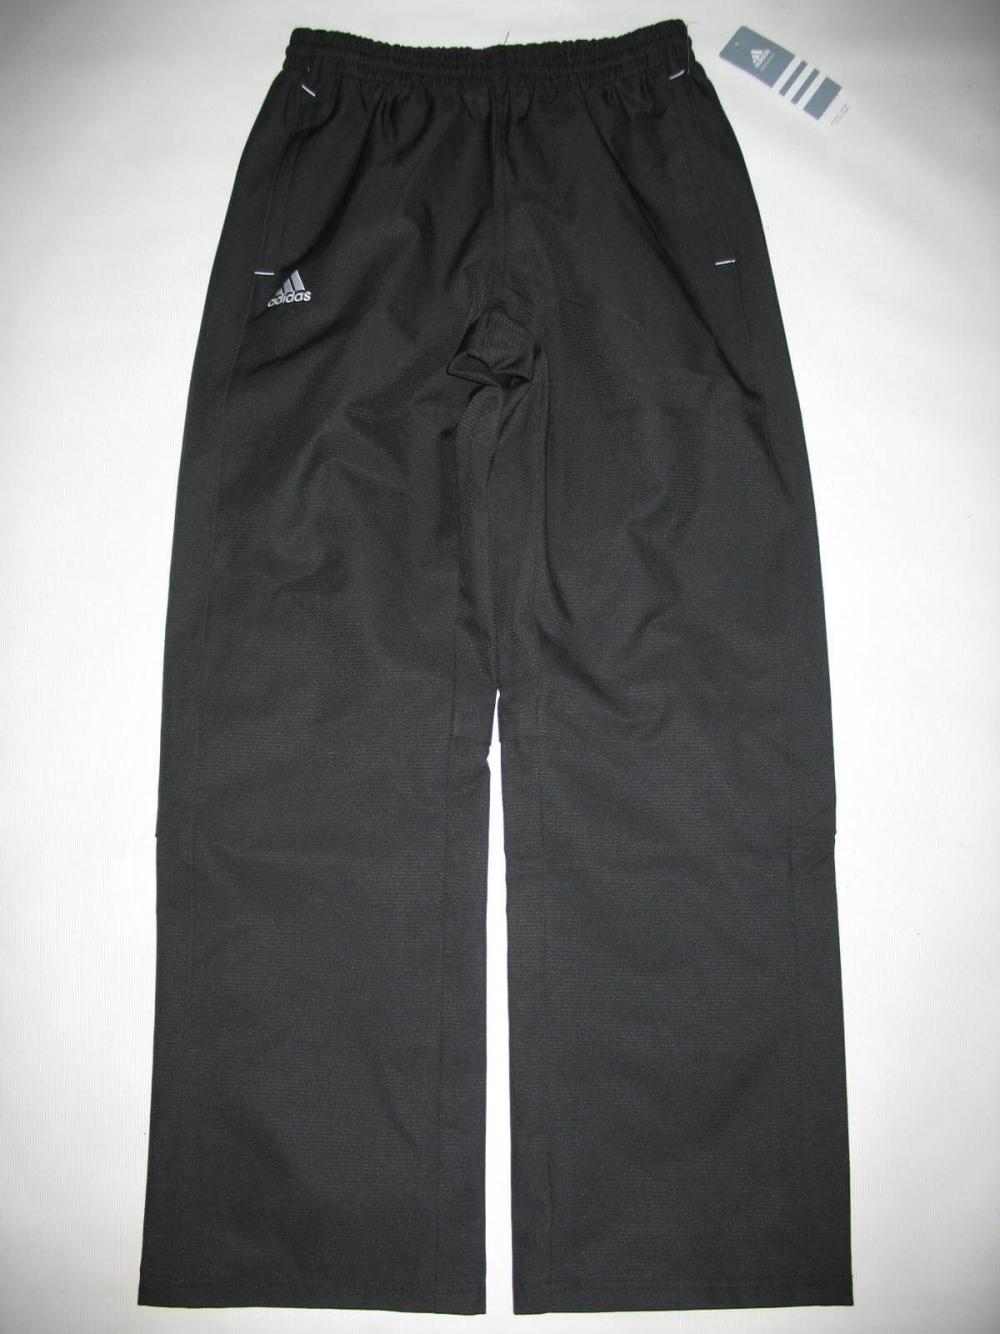 Штаны ADIDAS team woven pant lady/unisex (размер S/M) - 1